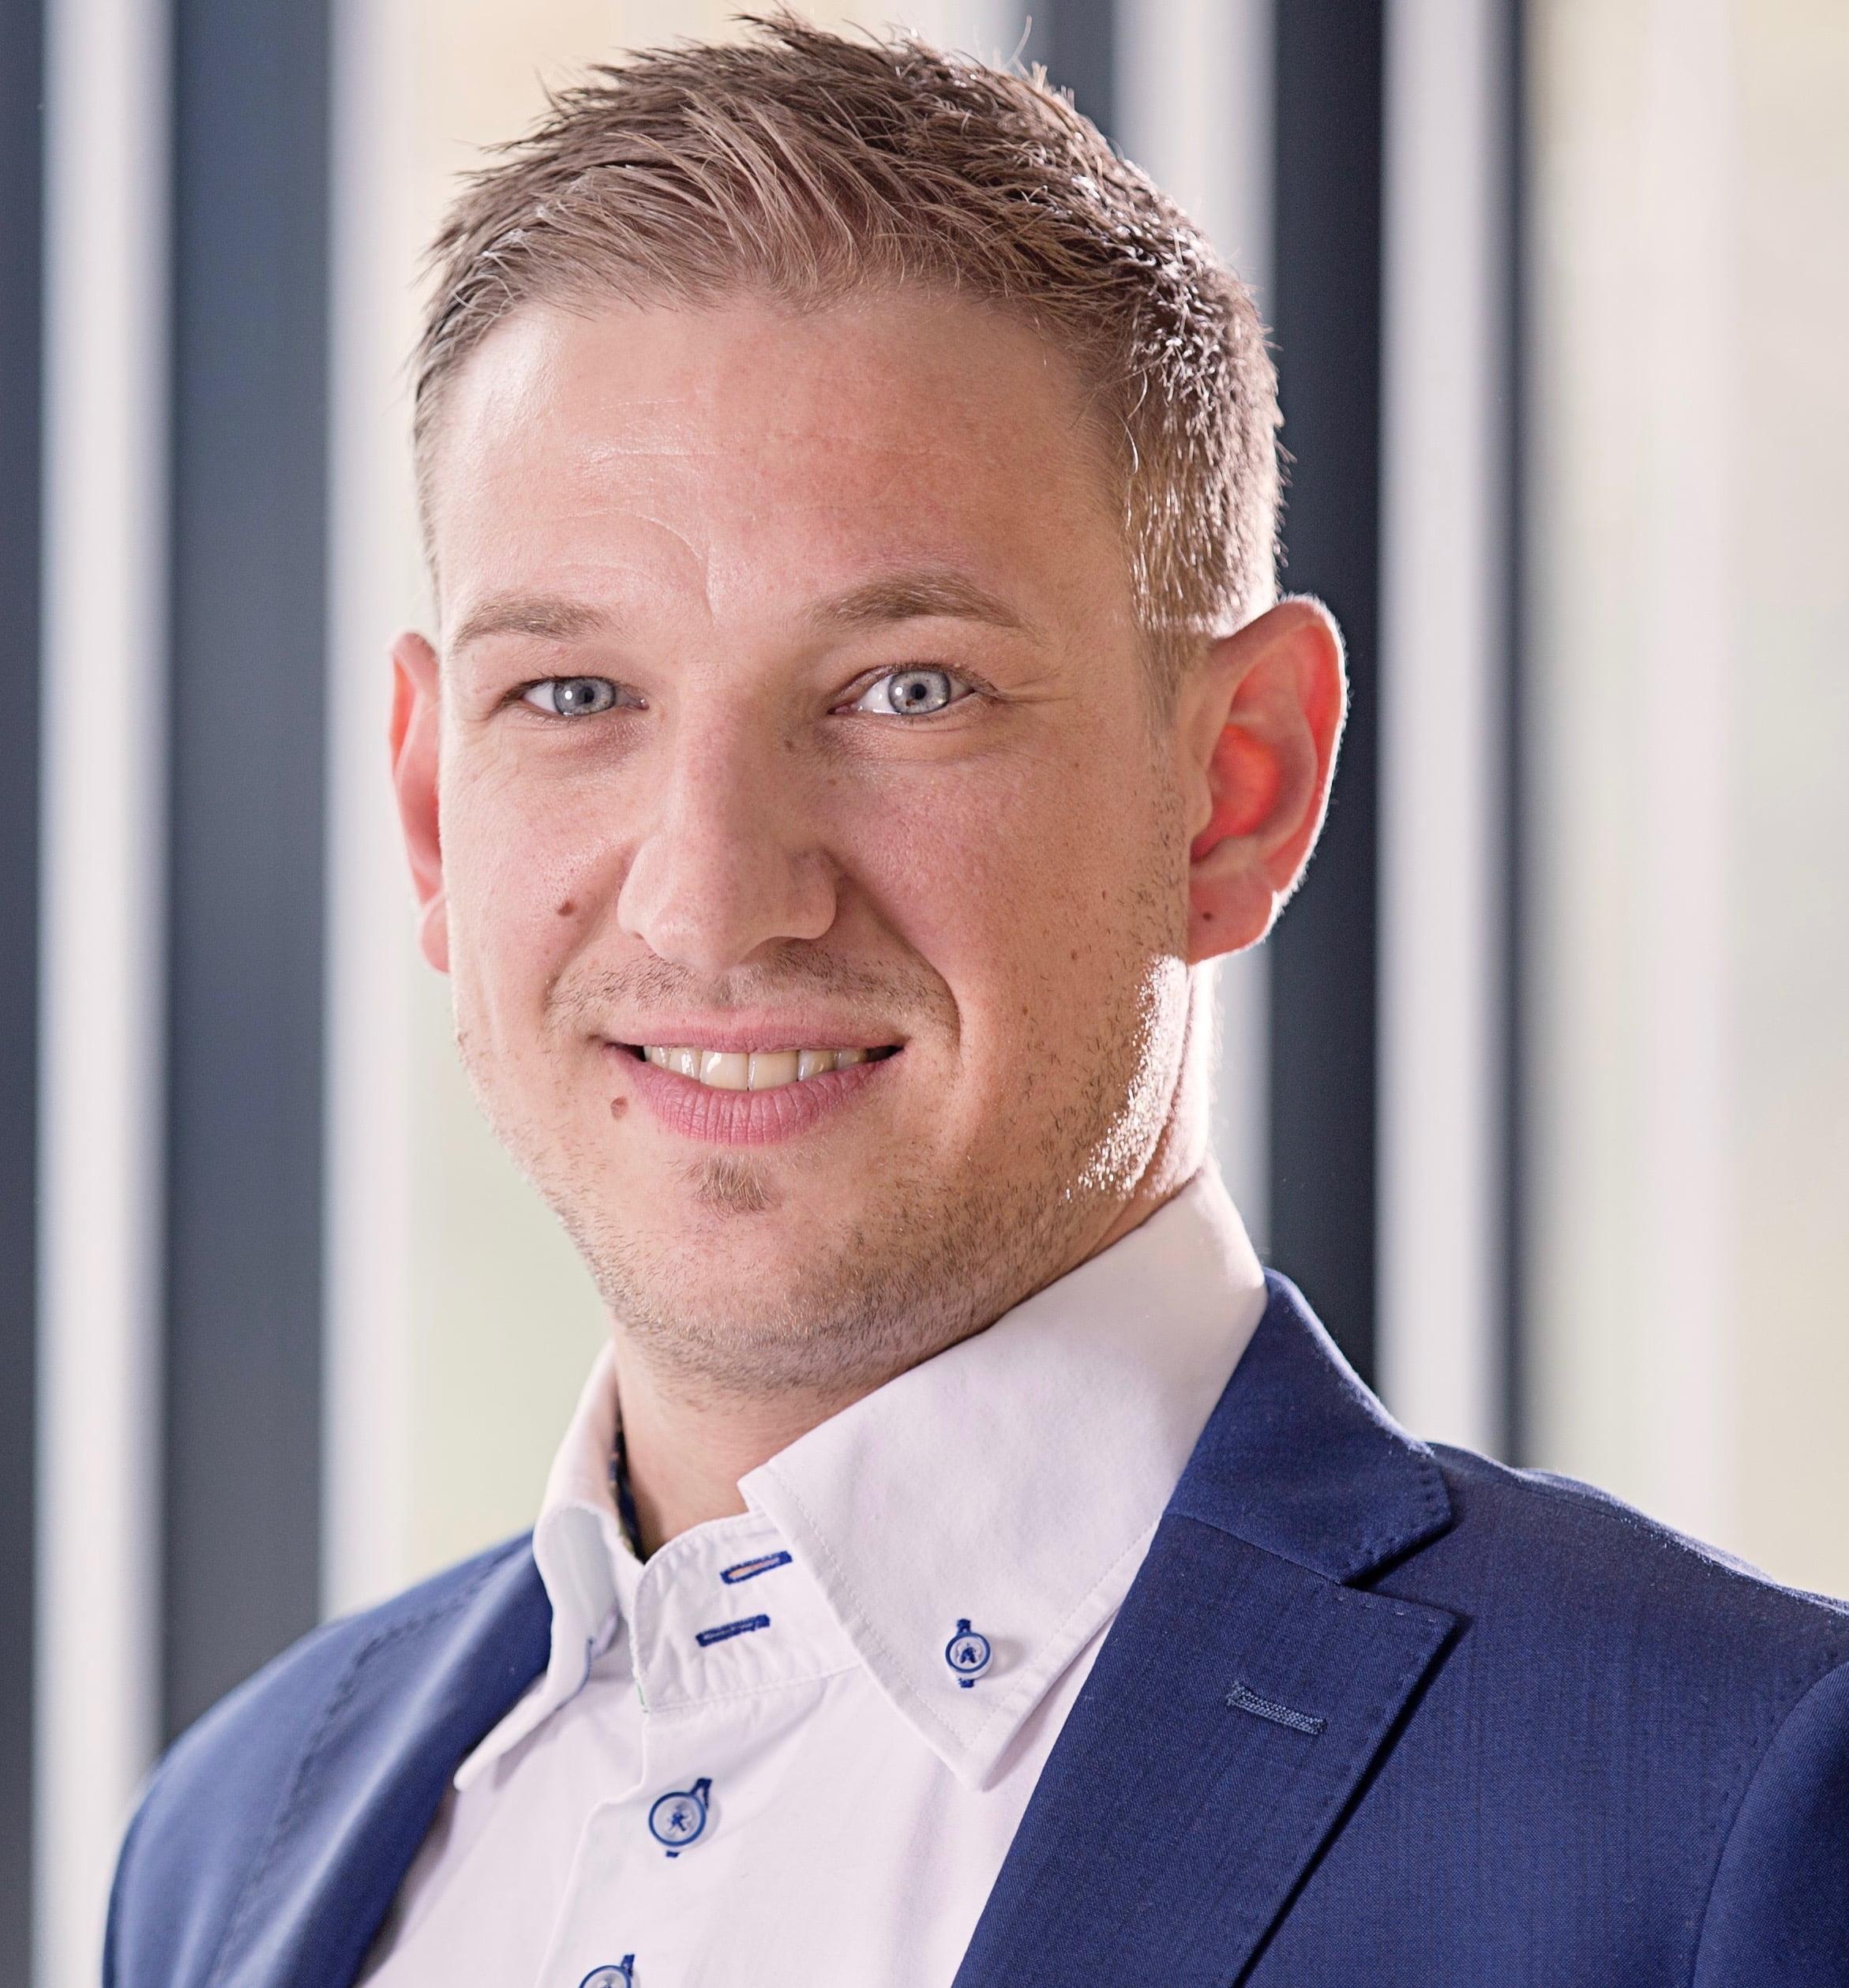 Dr. Karsten Engel